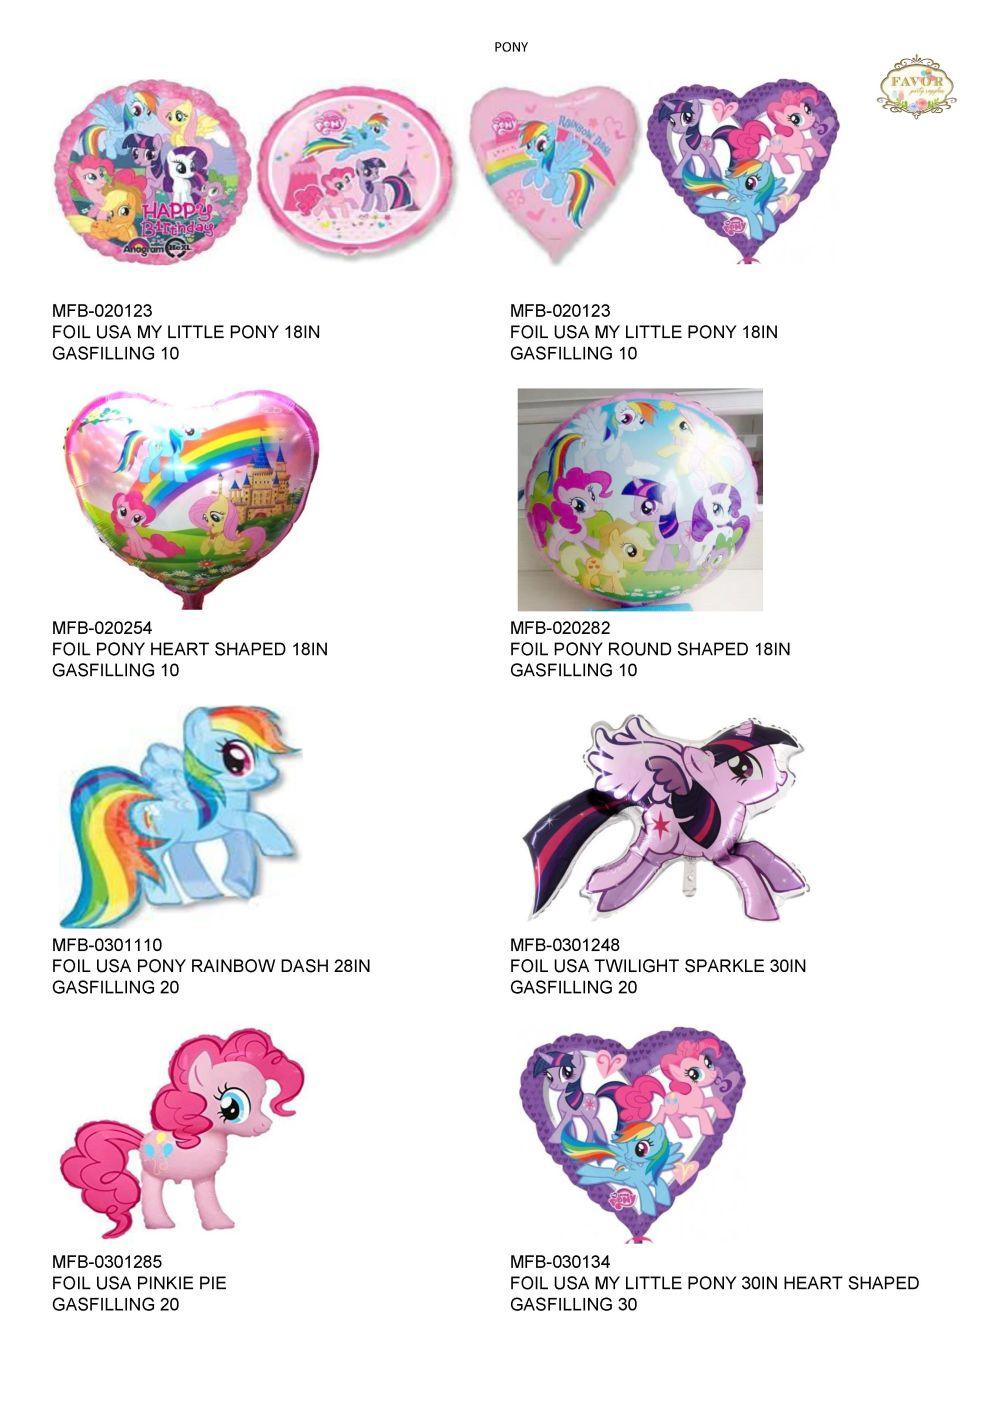 katalog-pony_1